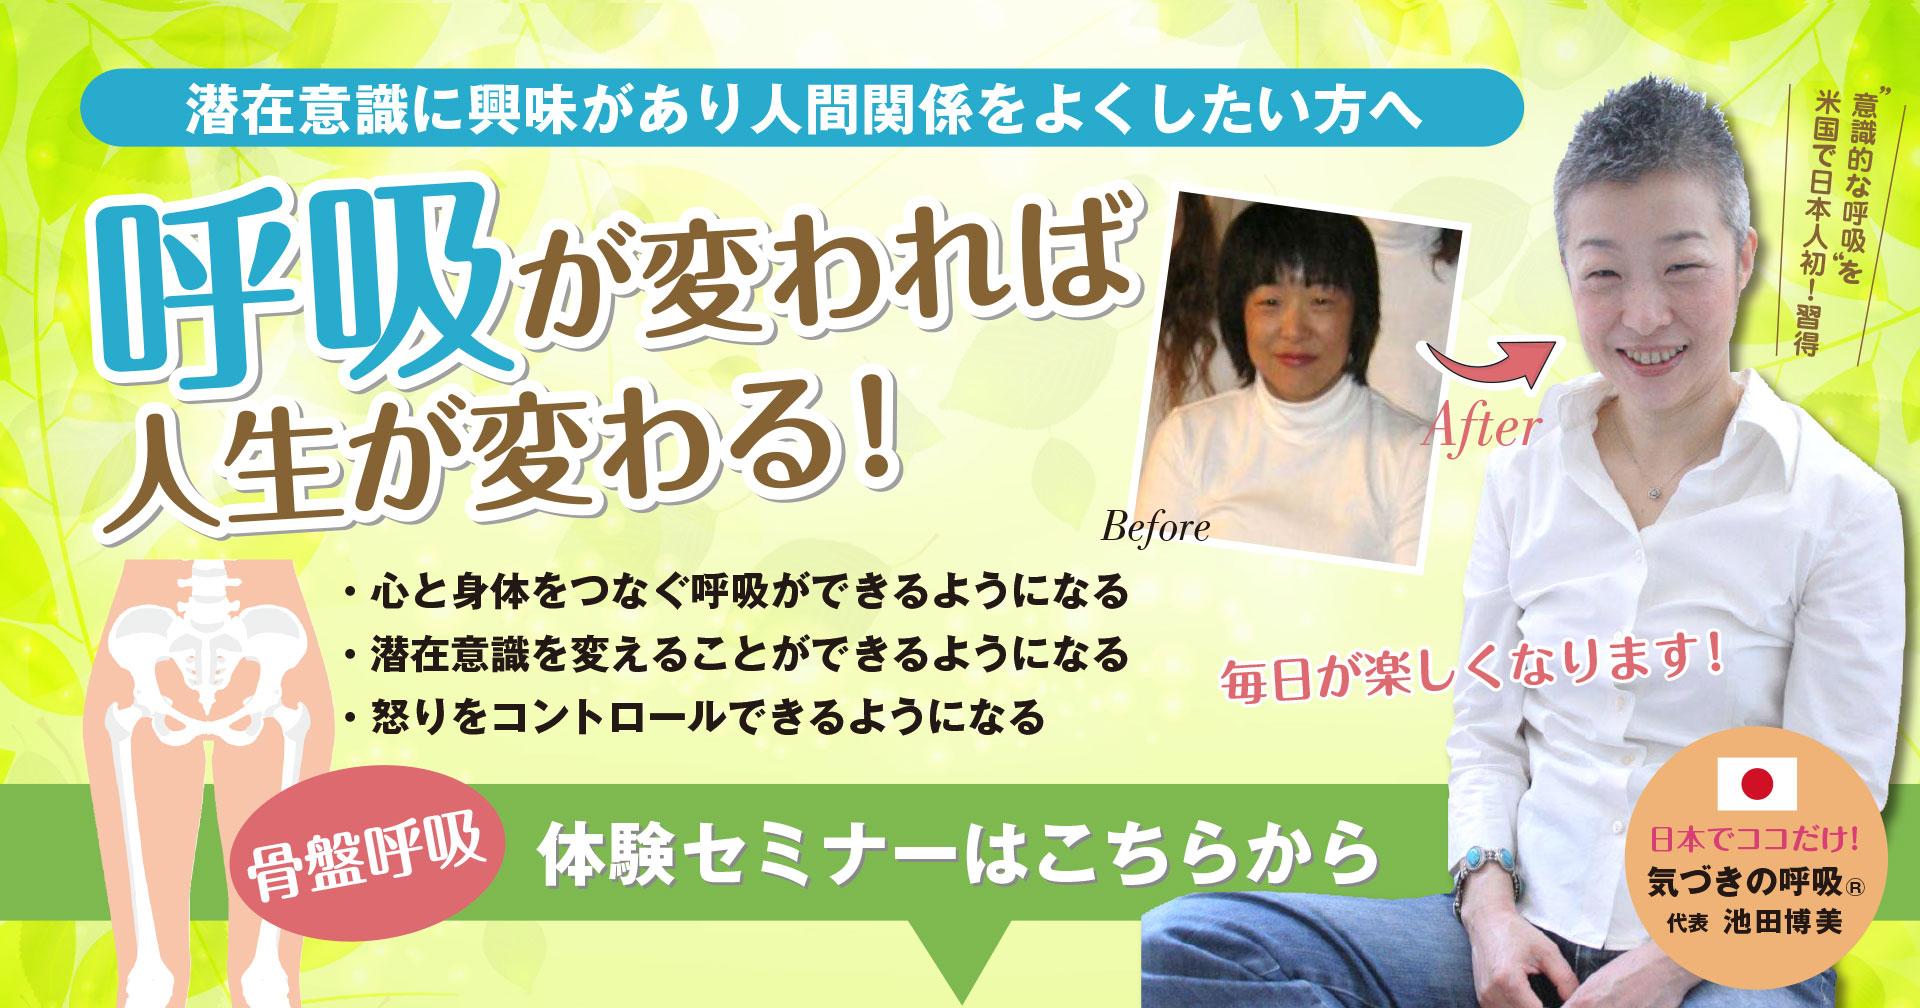 毎月2回・体験セミナー@渋谷のイメージ